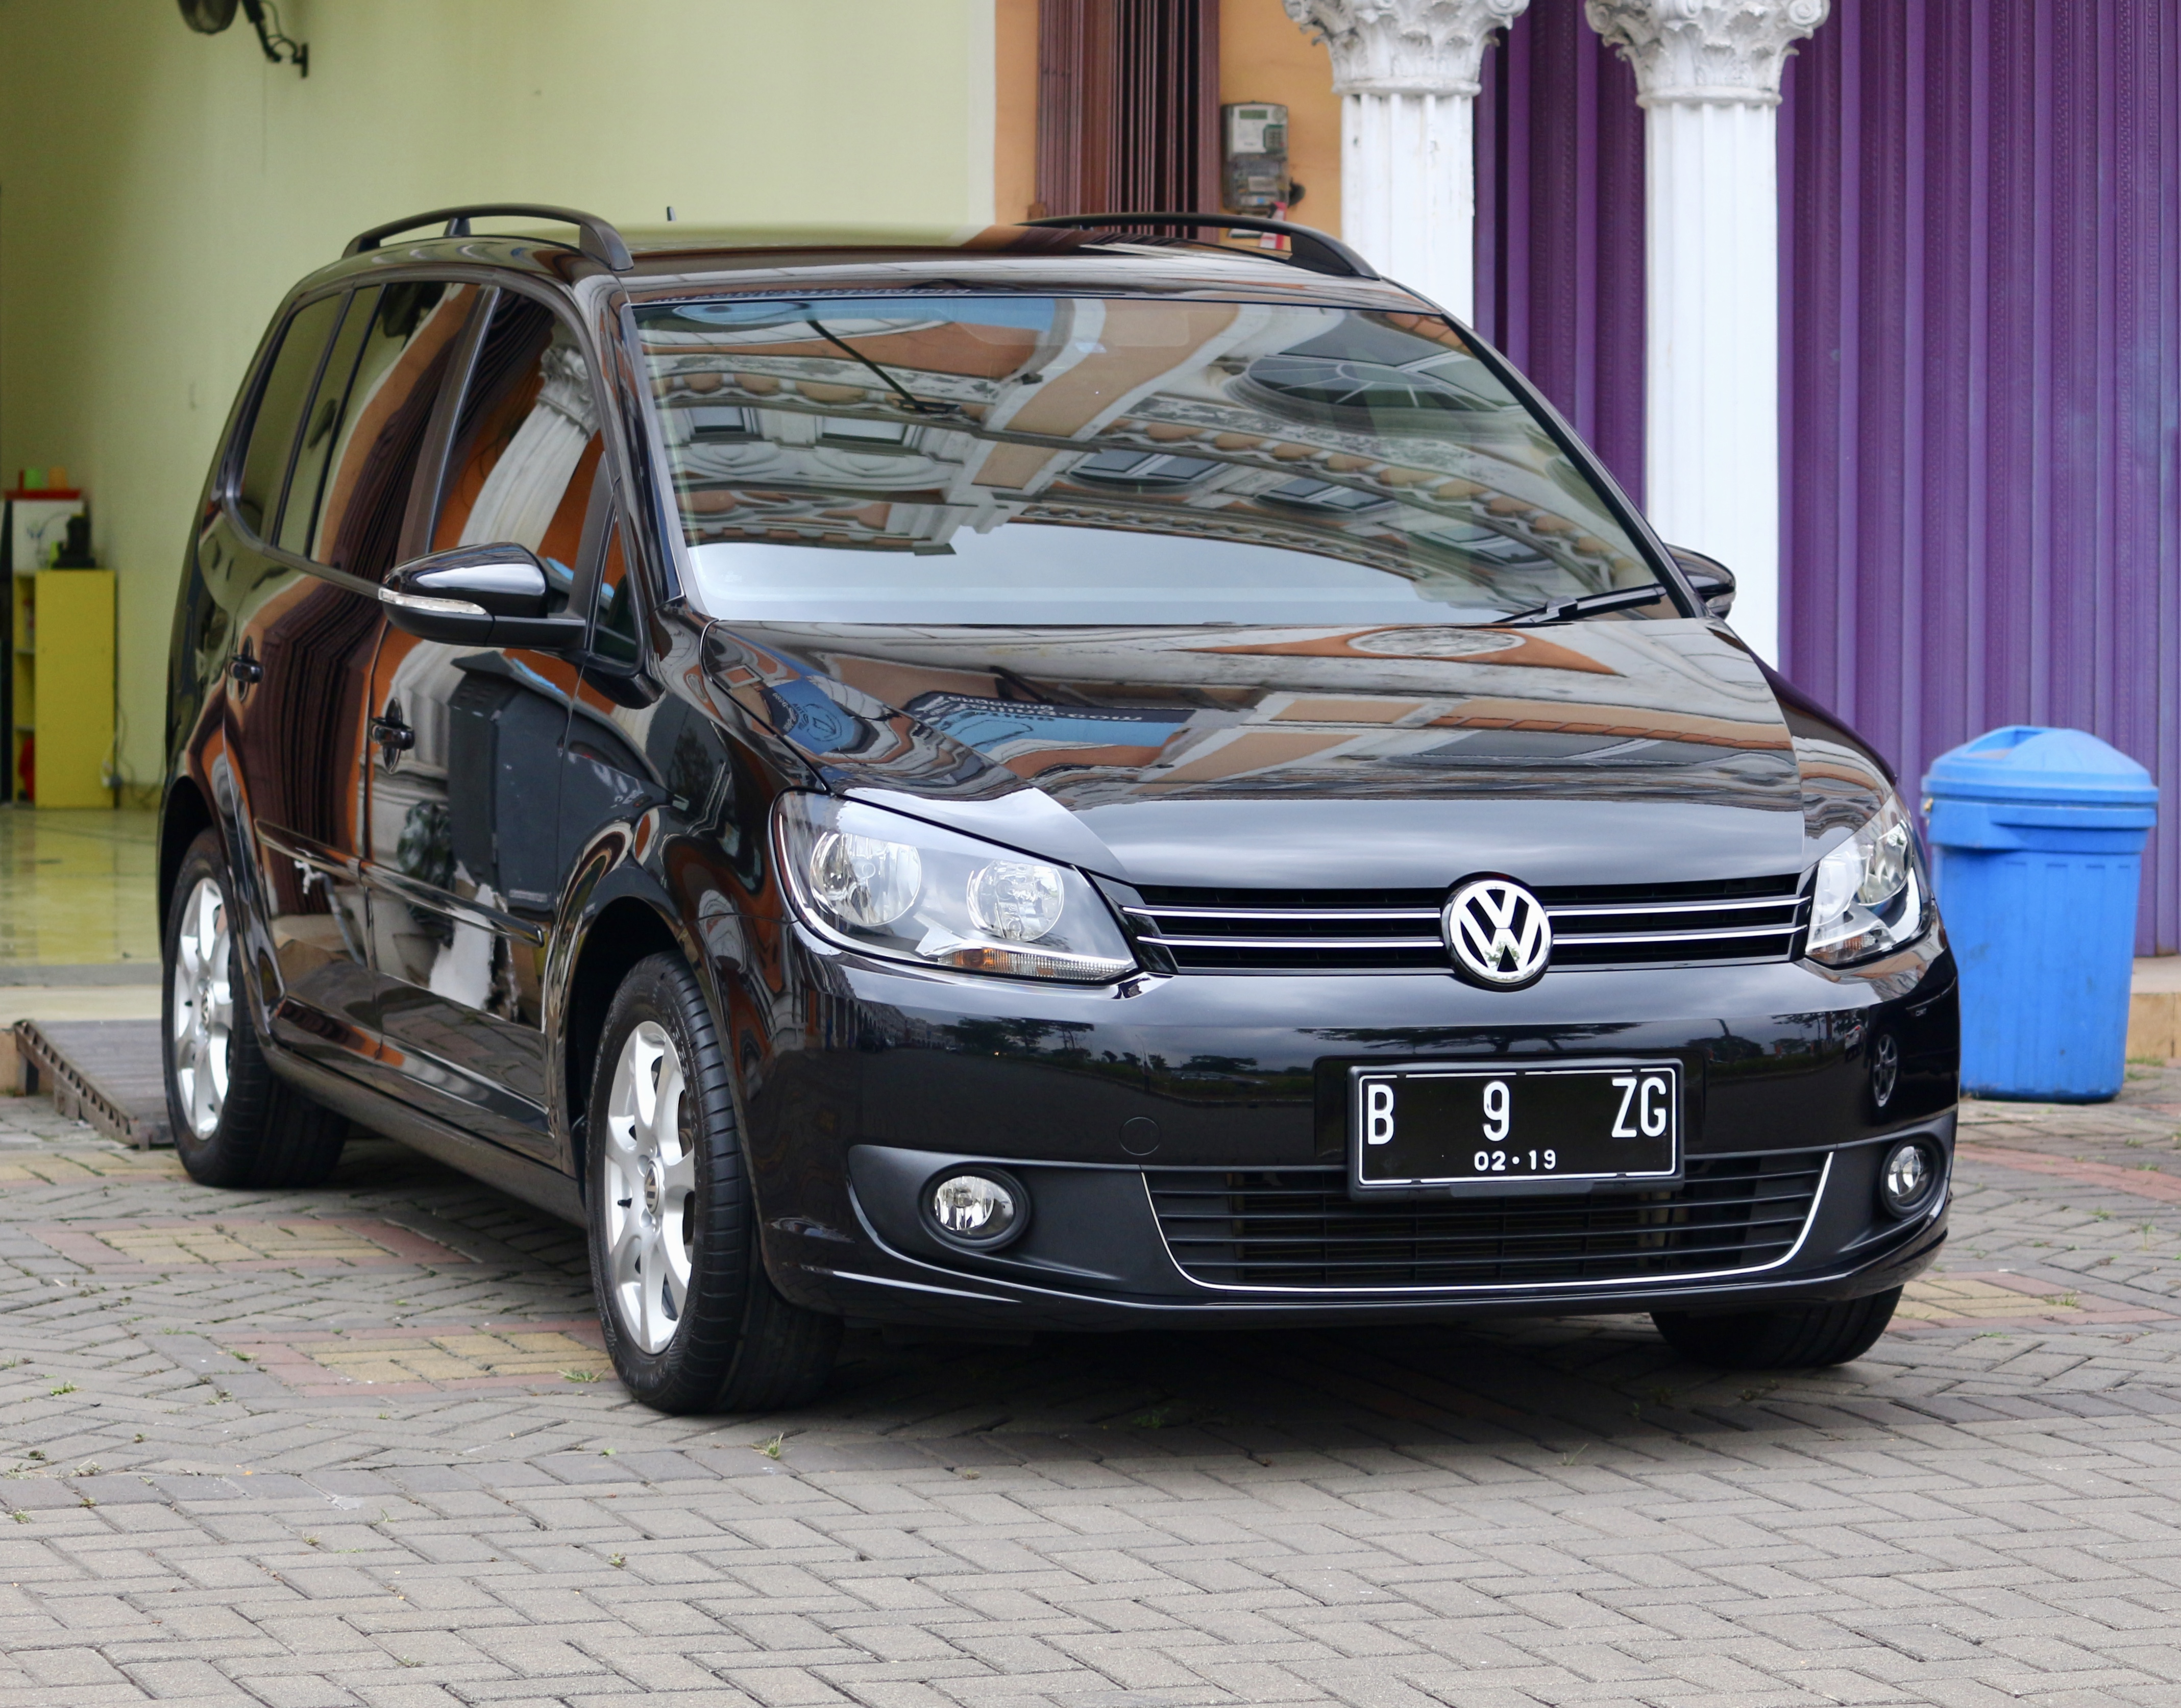 VW Touran Auto Detailing